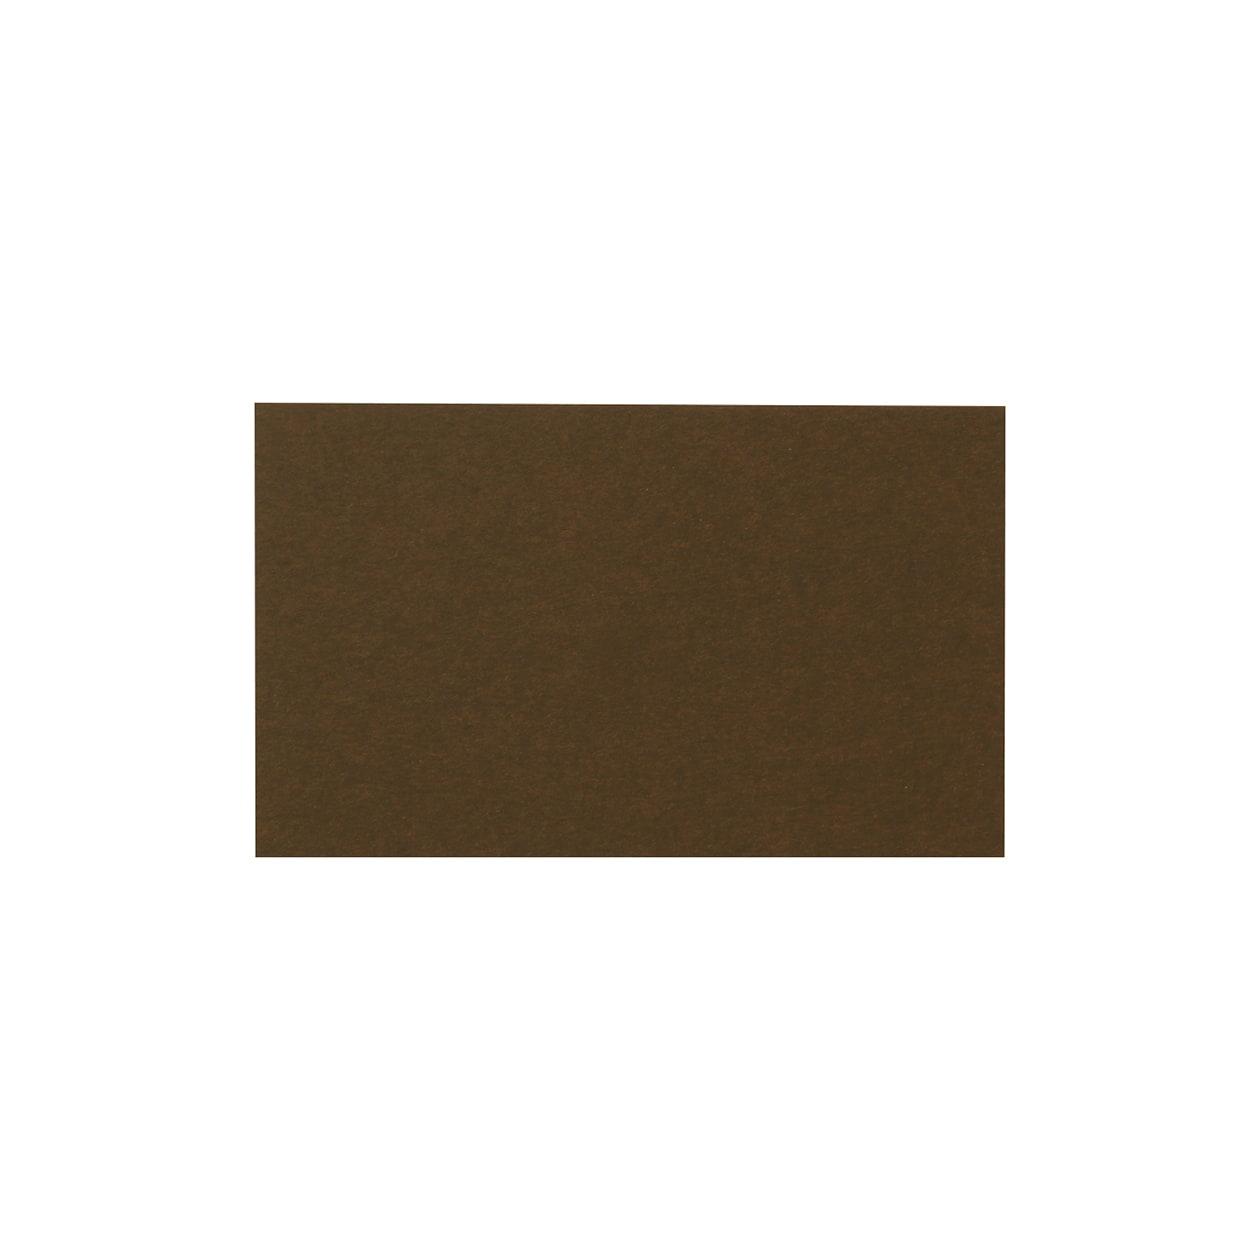 ネームカード コットン チョコレート 291g